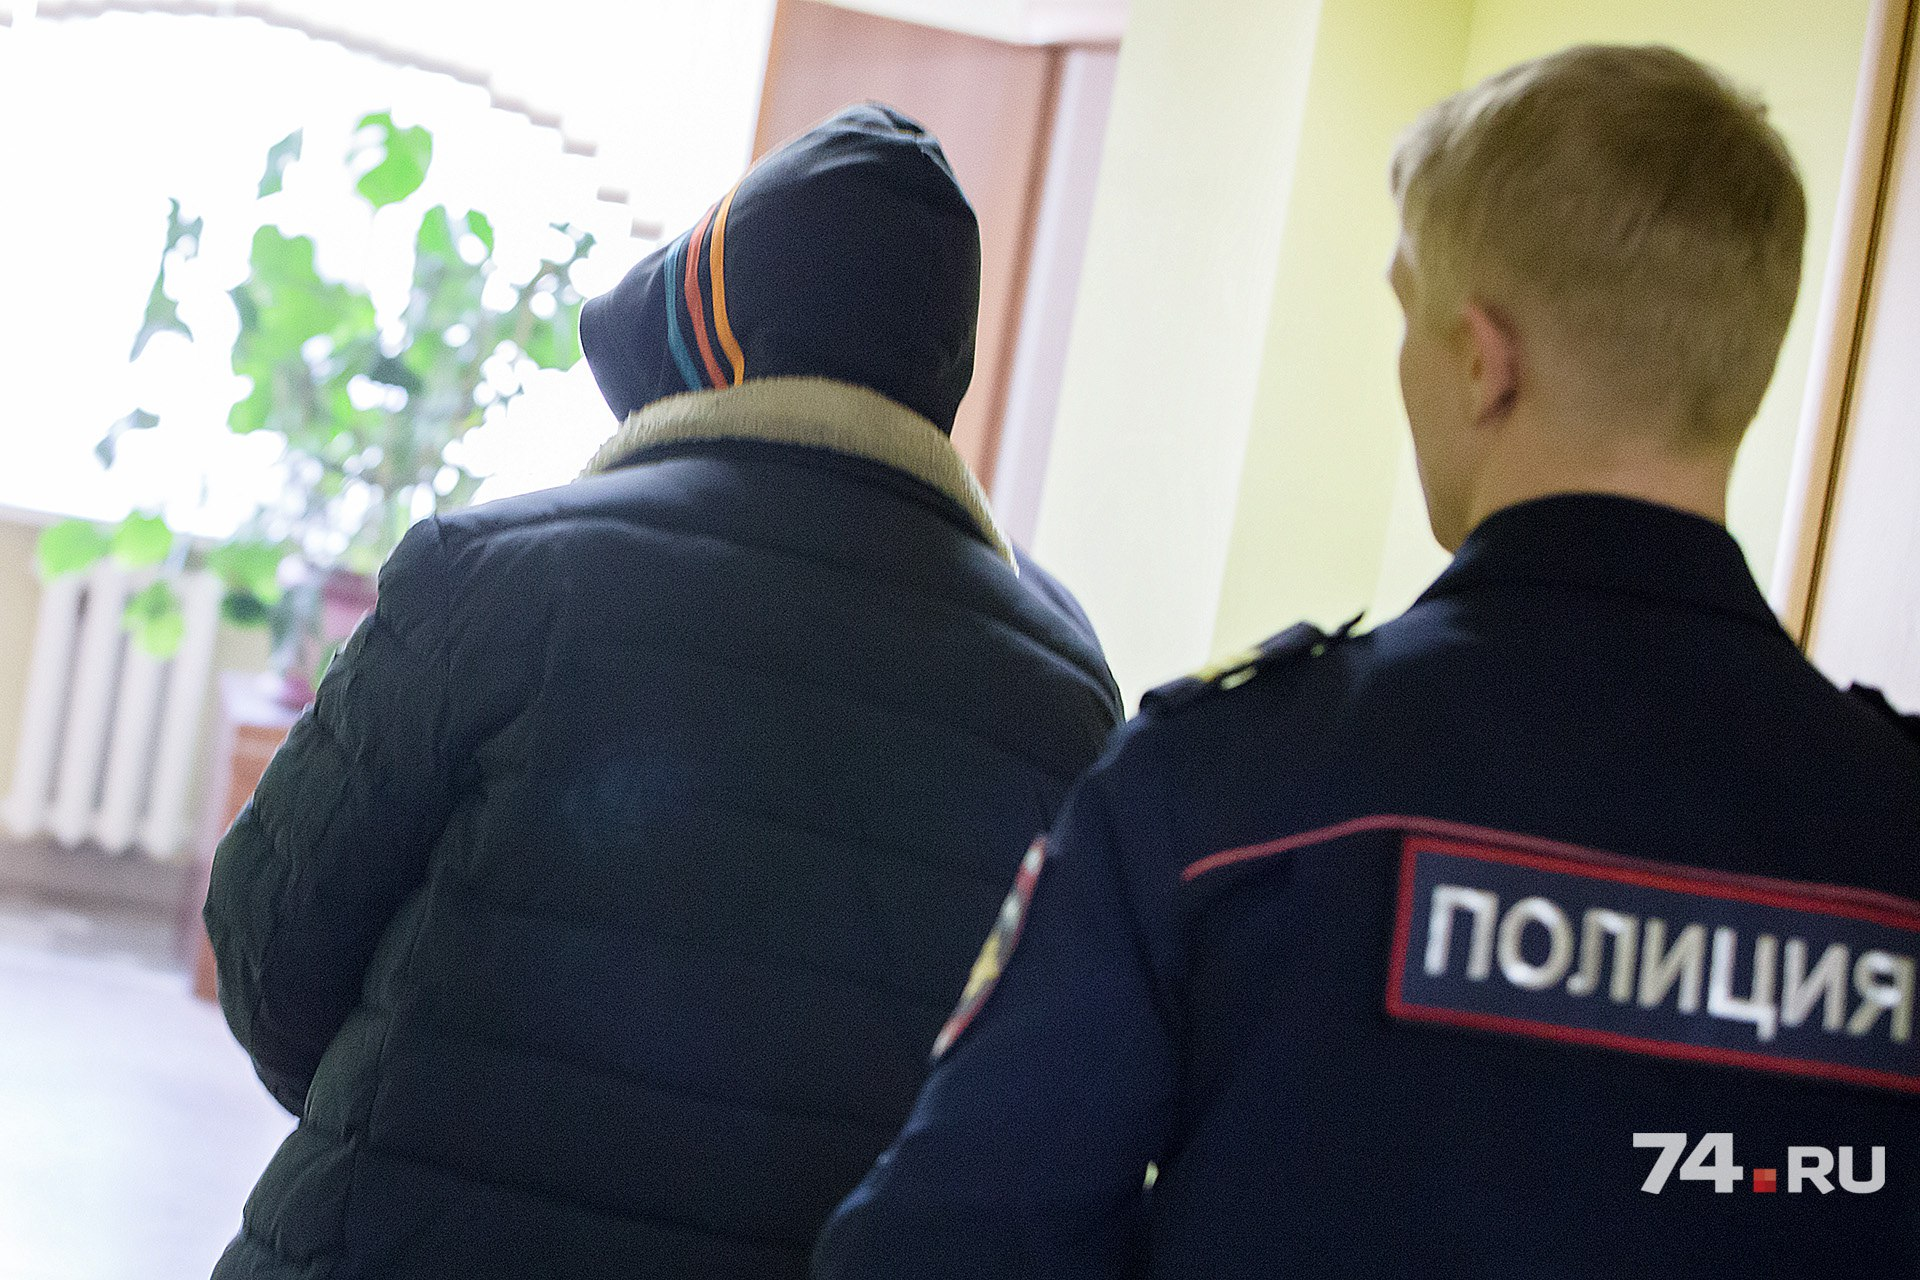 Сергея К. увели в СИЗО ещё на три месяца